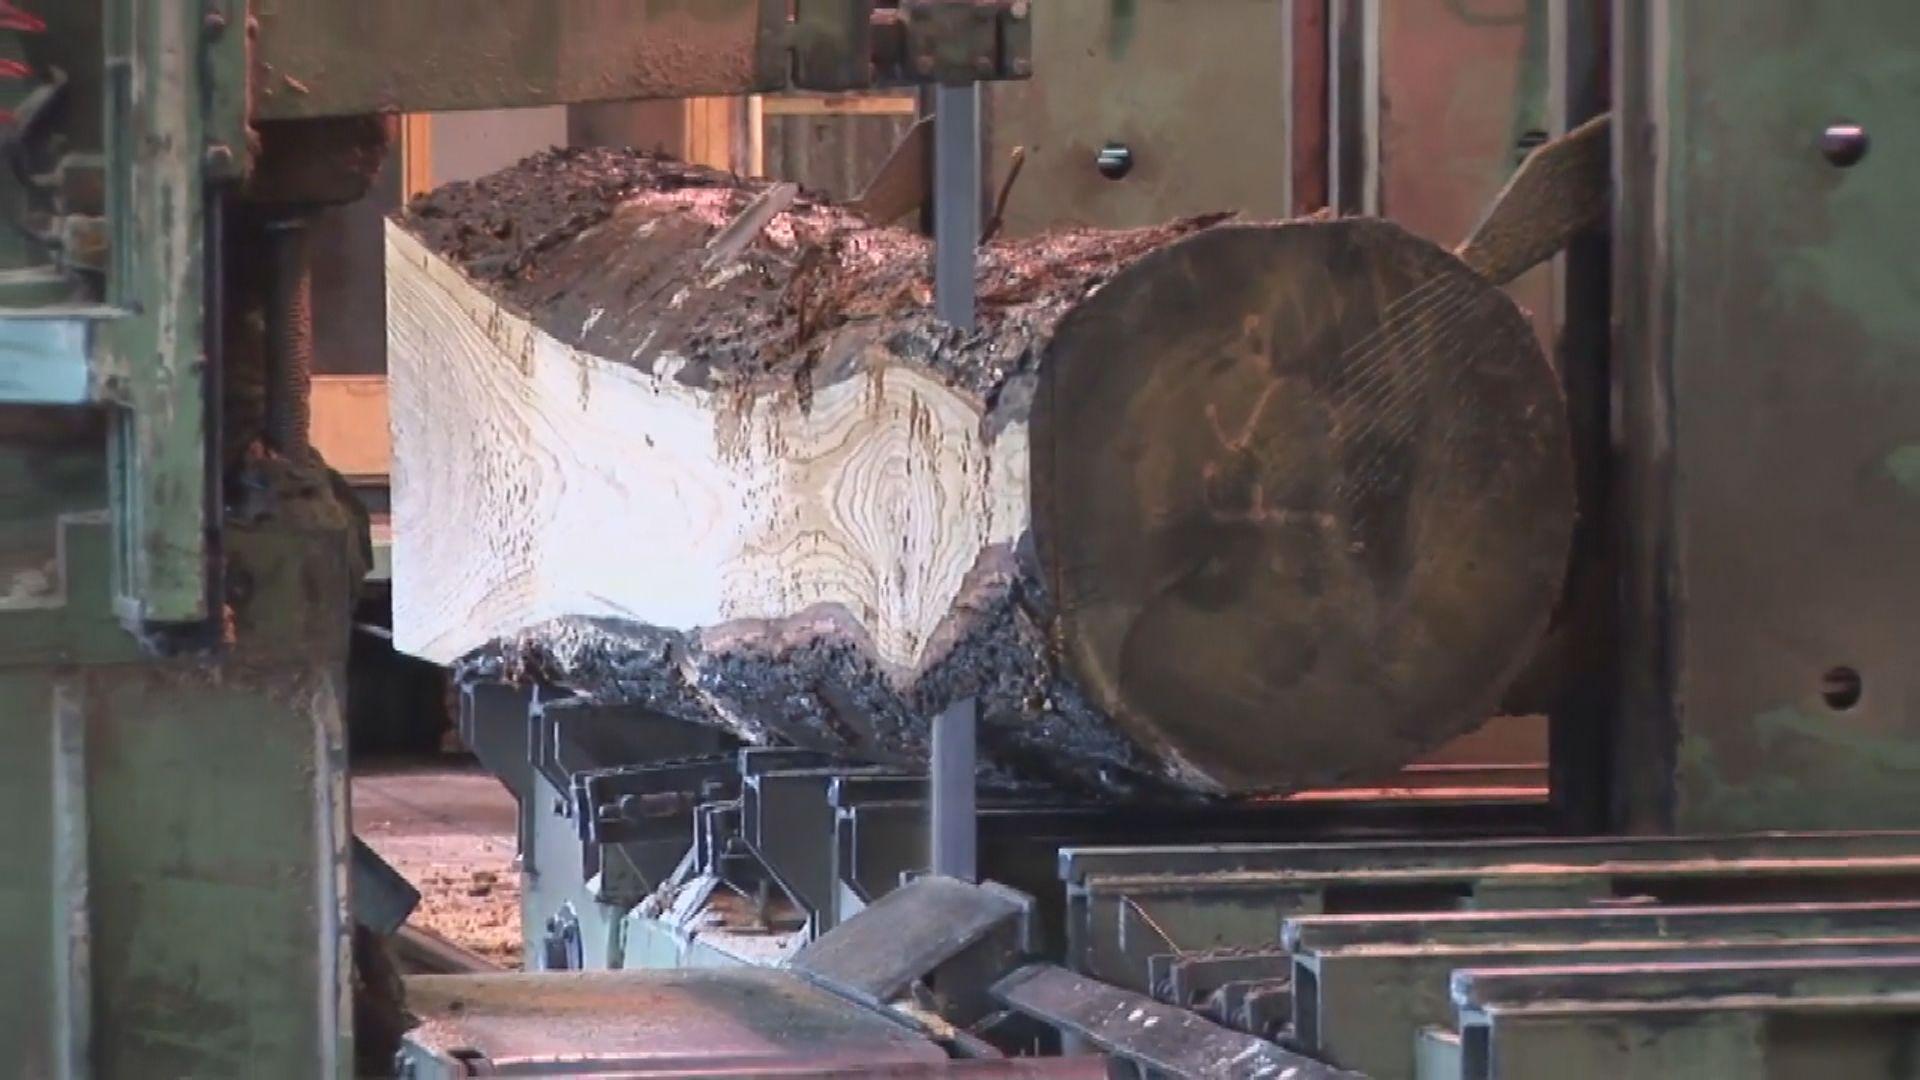 法國尋千棵百年橡樹重建巴黎聖母院 環保組織批不合時宜